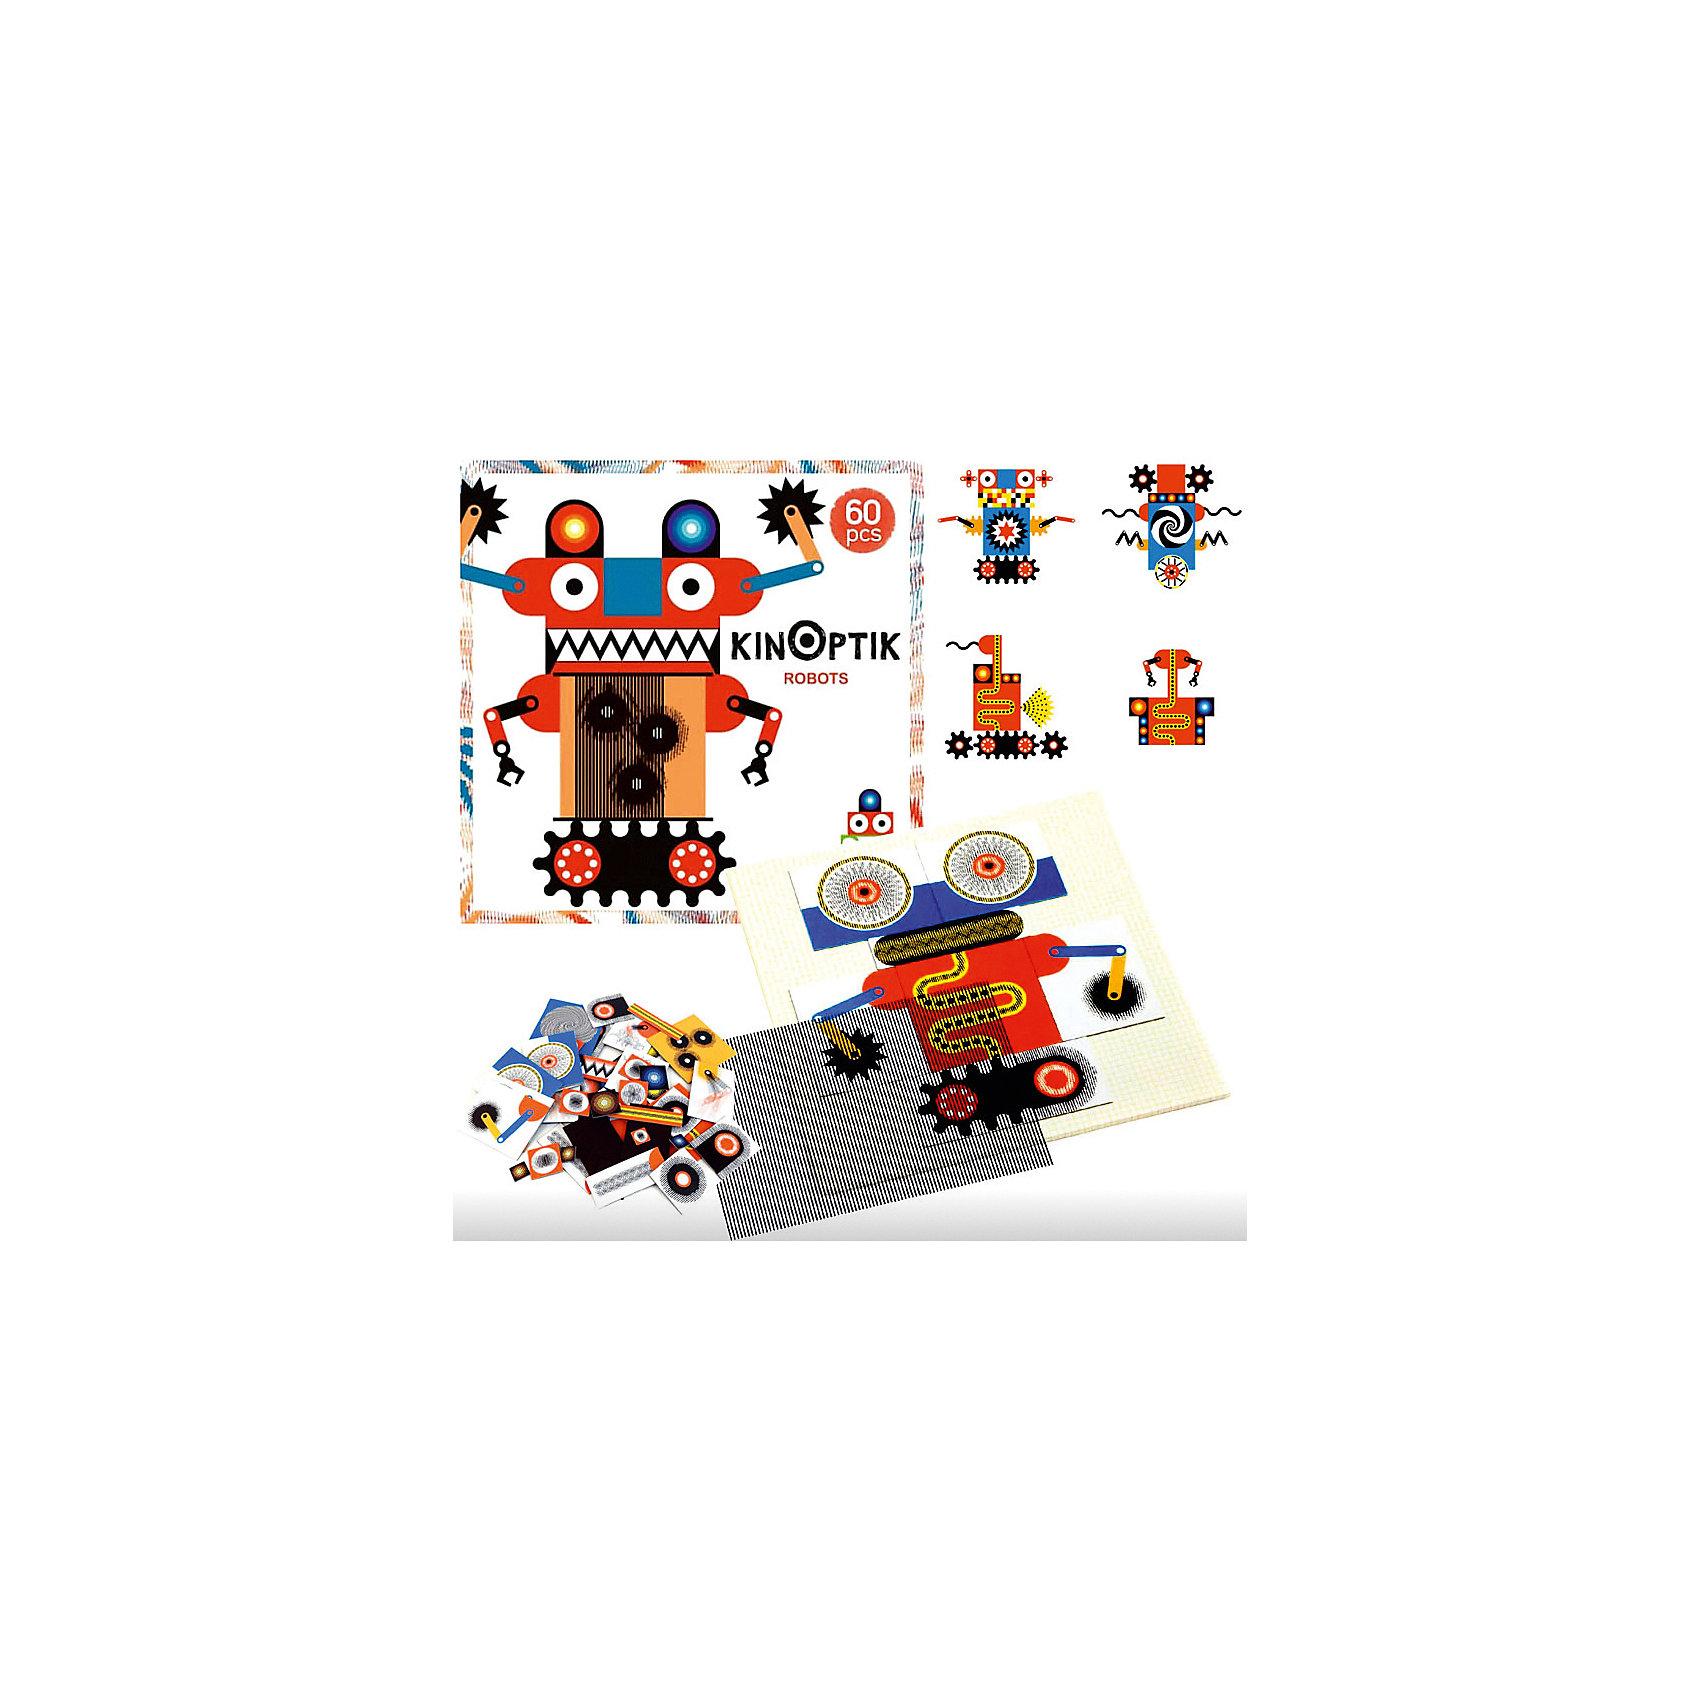 Пазл-аниматор Робот, DJECOПазлы до 24 деталей<br><br>Пазл-аниматор Робот, DJECO (Джеко).<br><br>Характеристика:<br><br>• Материал: картон, магнит, пластик.   <br>• Размер упаковки: 32 х 32 х 5 см.<br>• Размер картинки: 30 х 30 см.<br>• Комплектация: магнитный лист-основа, 2 оптик-листа, 60 частей пазла, инструкция с примерами.<br>• Отдельные детали пазла двигаются. <br>• Развивает моторику рук, внимание и фантазию.<br>• Оригинальный красочный дизайн.<br>• Рекомендован для детей от 5 лет. <br><br>Пазлы-аниматоры Киноптик от французского бренда Джеко приведут в восторг любого ребенка! С этим чудесным набором дети смогут создать забавных роботов, а затем оживить их! Нужно лишь собрать из деталей картинку, приложить к ней специальный прозрачный лист и провести по нему рукой: веселые роботы оживут и будут двигаться!  <br>Все детали набора выполнены из высококачественных нетоксичных материалов абсолютно безопасных для детей. Игра с пазлом - увлекательное и полезное занятие, развивающее моторику рук, внимание, фантазию и умение работать по инструкции. <br><br>Пазл-аниматор Робот, DJECO (Джеко), можно купить в нашем интернет-магазине.<br><br>Ширина мм: 320<br>Глубина мм: 320<br>Высота мм: 50<br>Вес г: 1000<br>Возраст от месяцев: 60<br>Возраст до месяцев: 2147483647<br>Пол: Унисекс<br>Возраст: Детский<br>SKU: 5218935